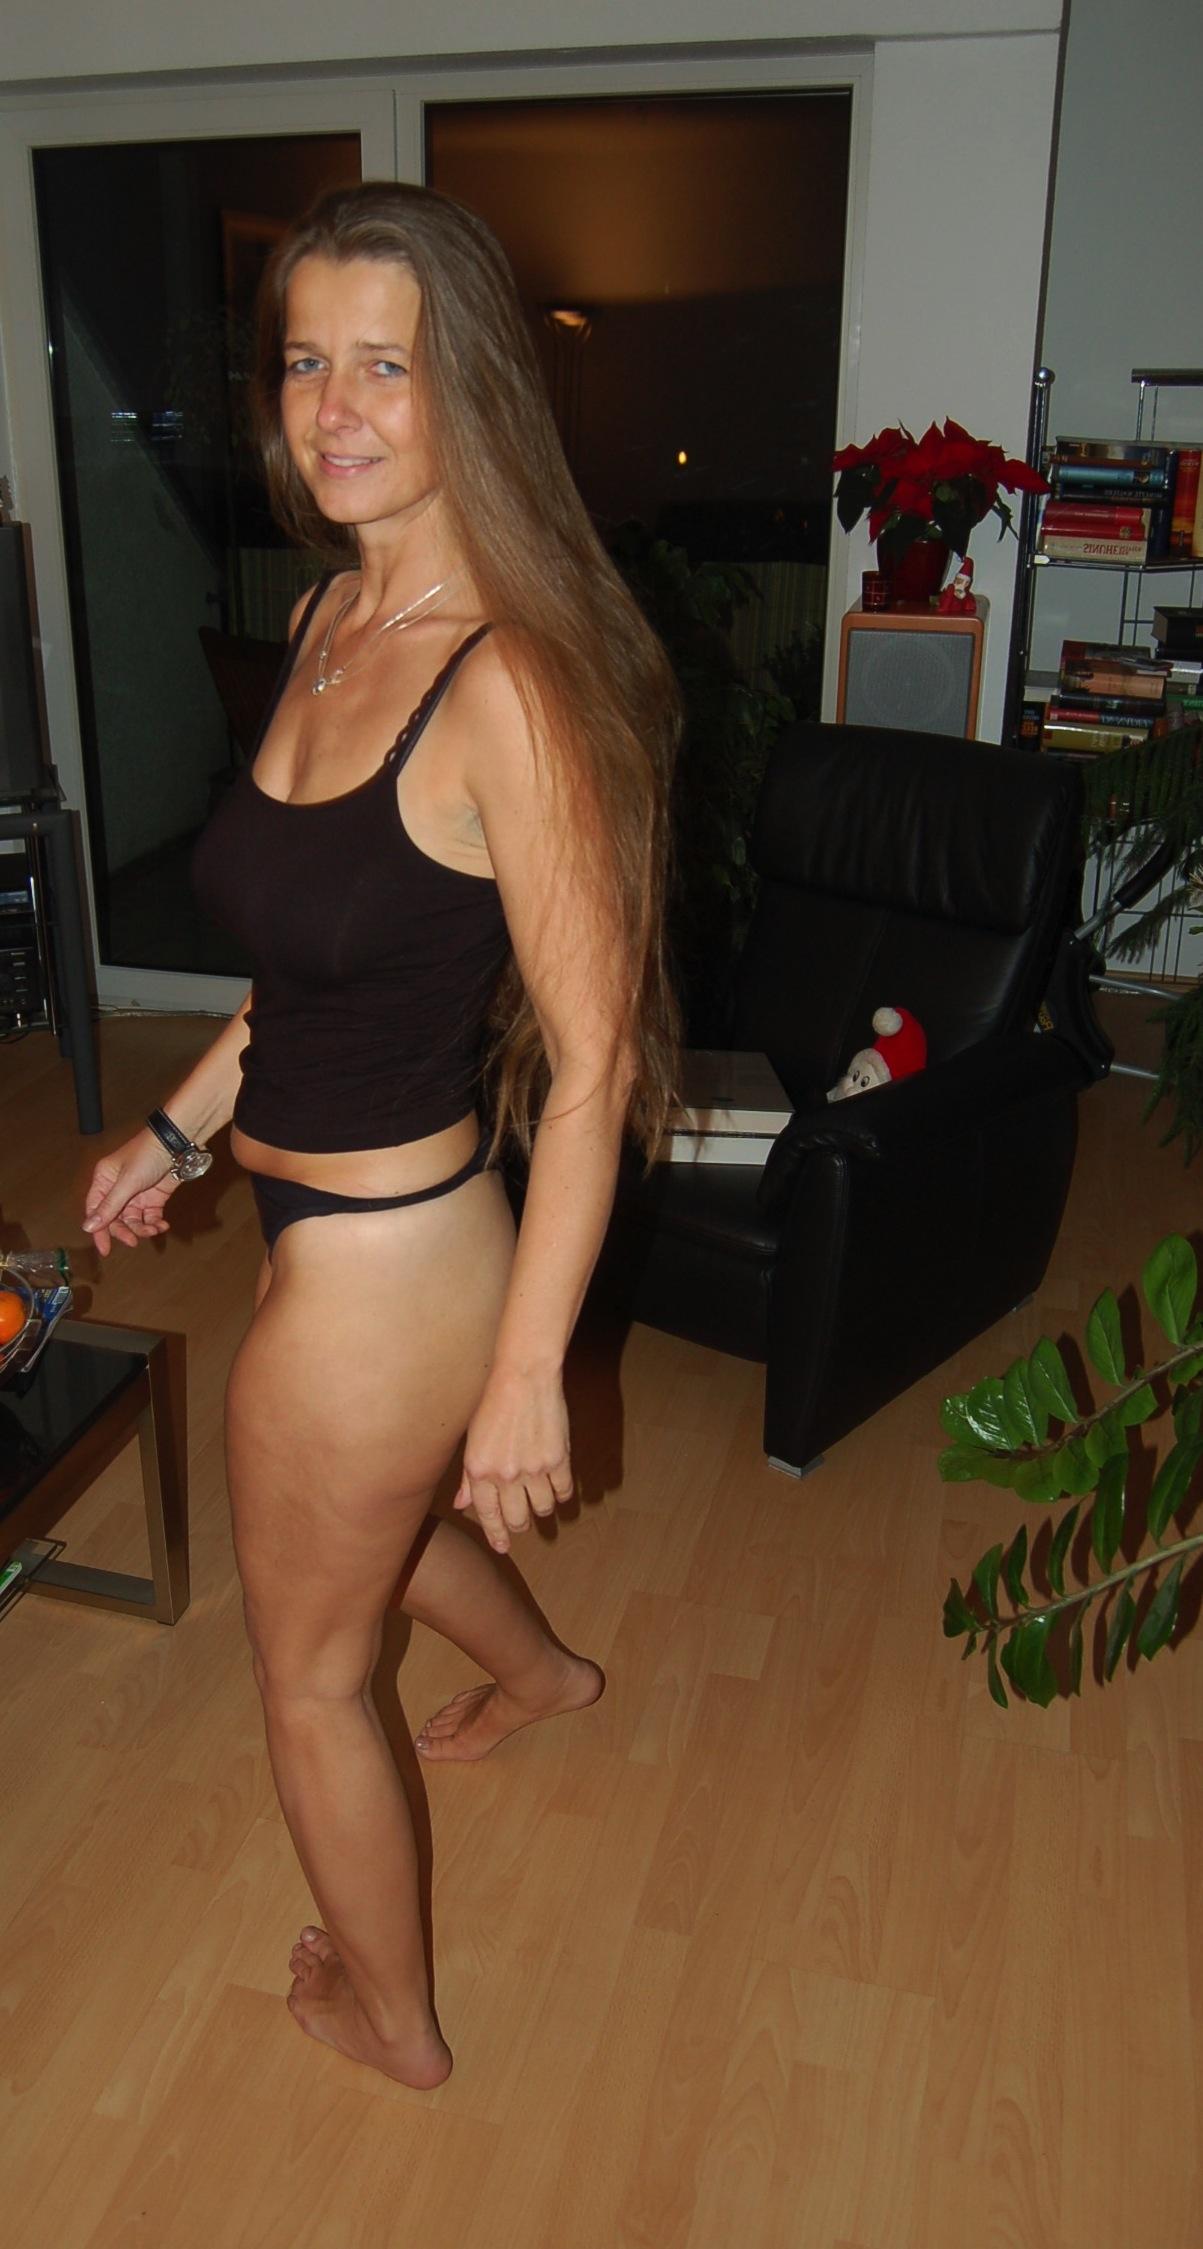 SarahSex (48) uit Utrecht